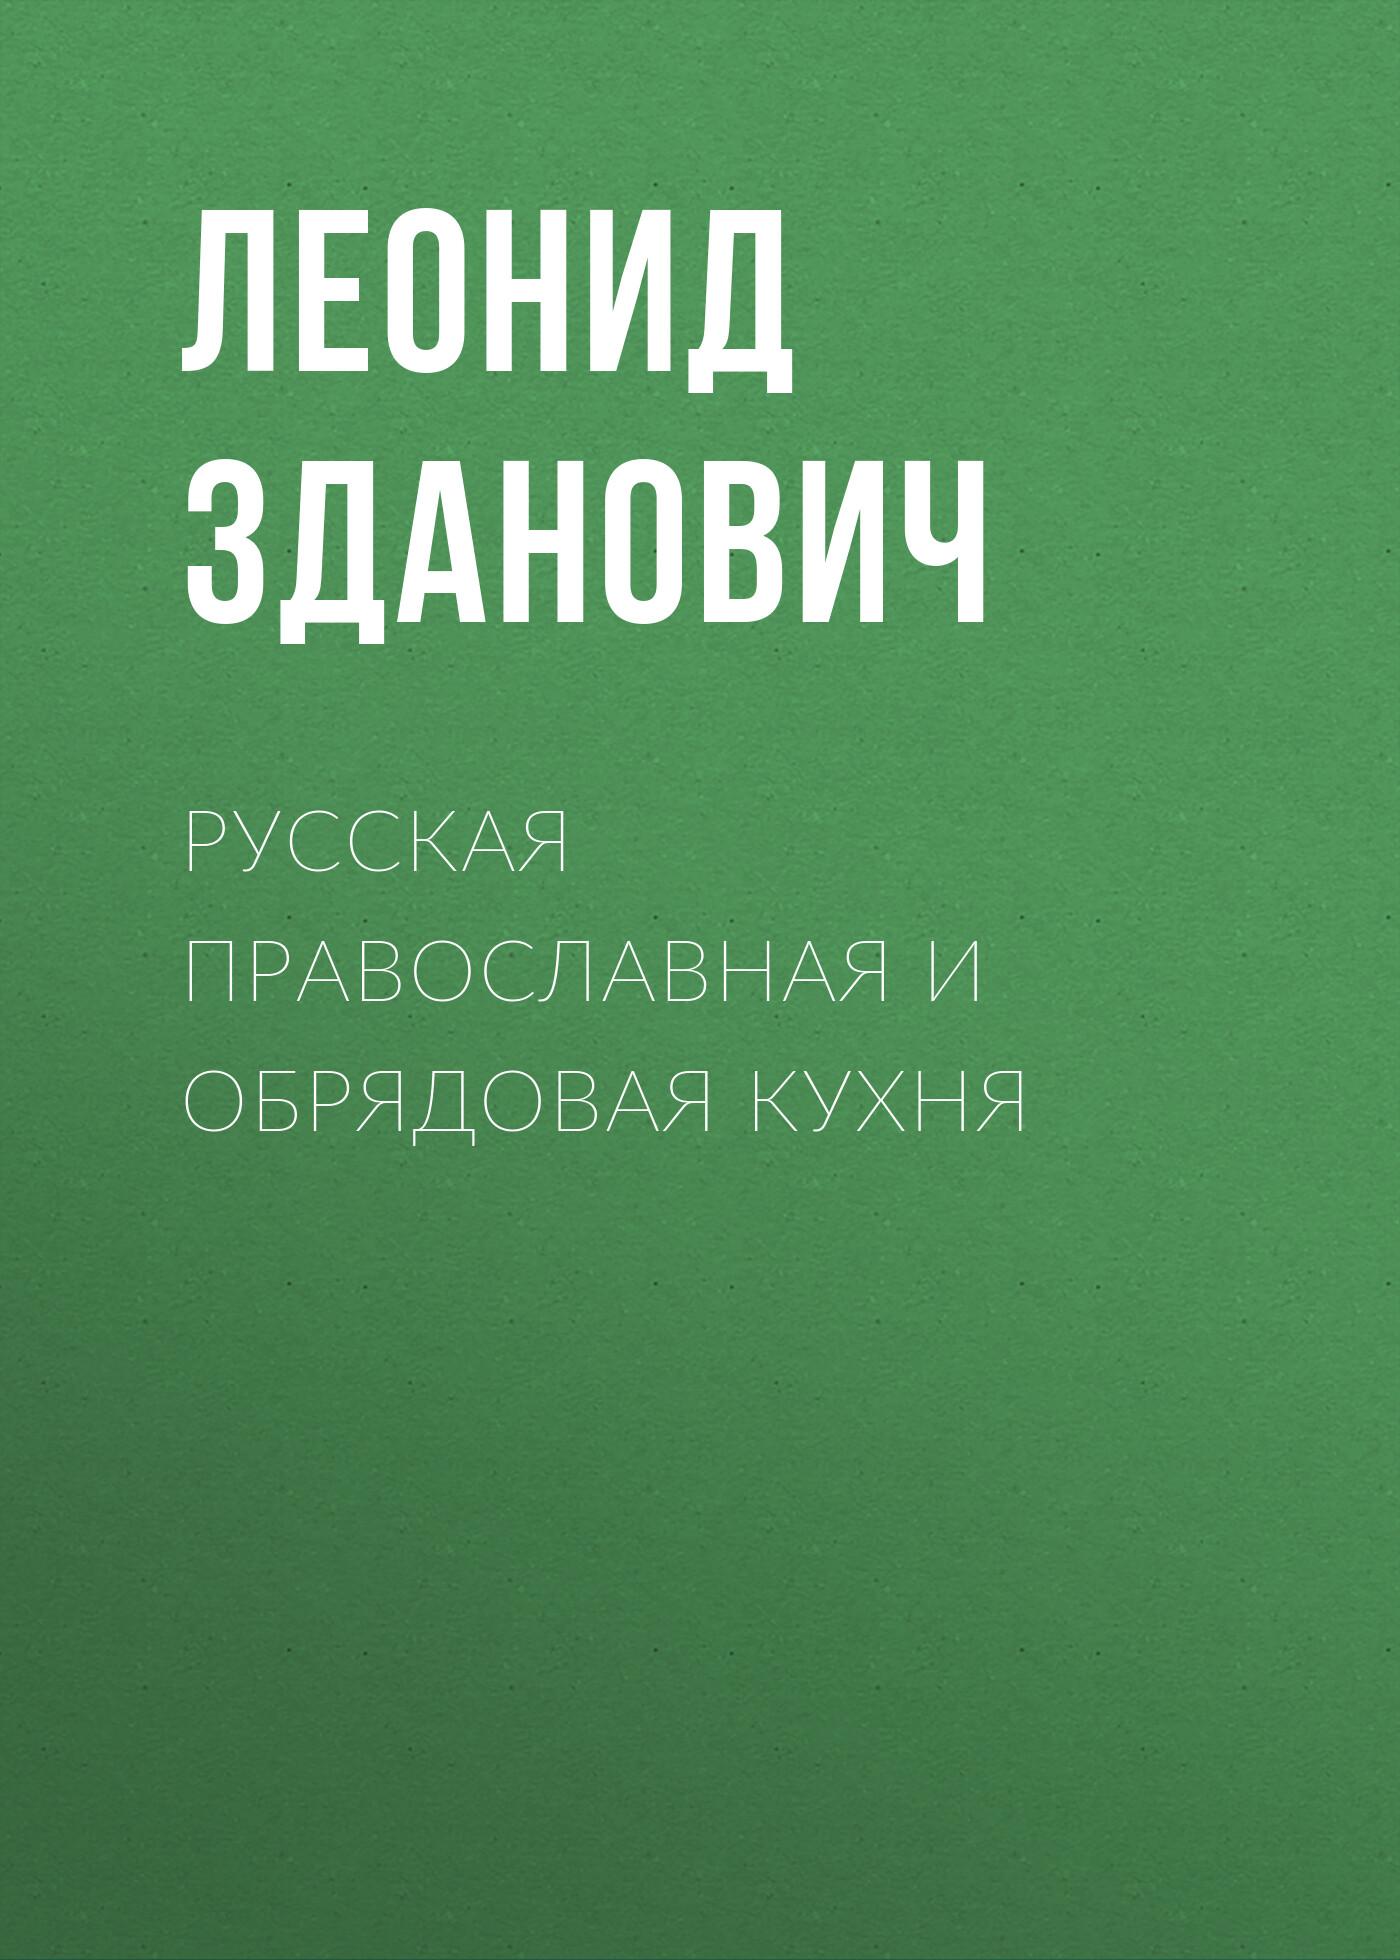 цена Леонид Зданович Русская православная и обрядовая кухня